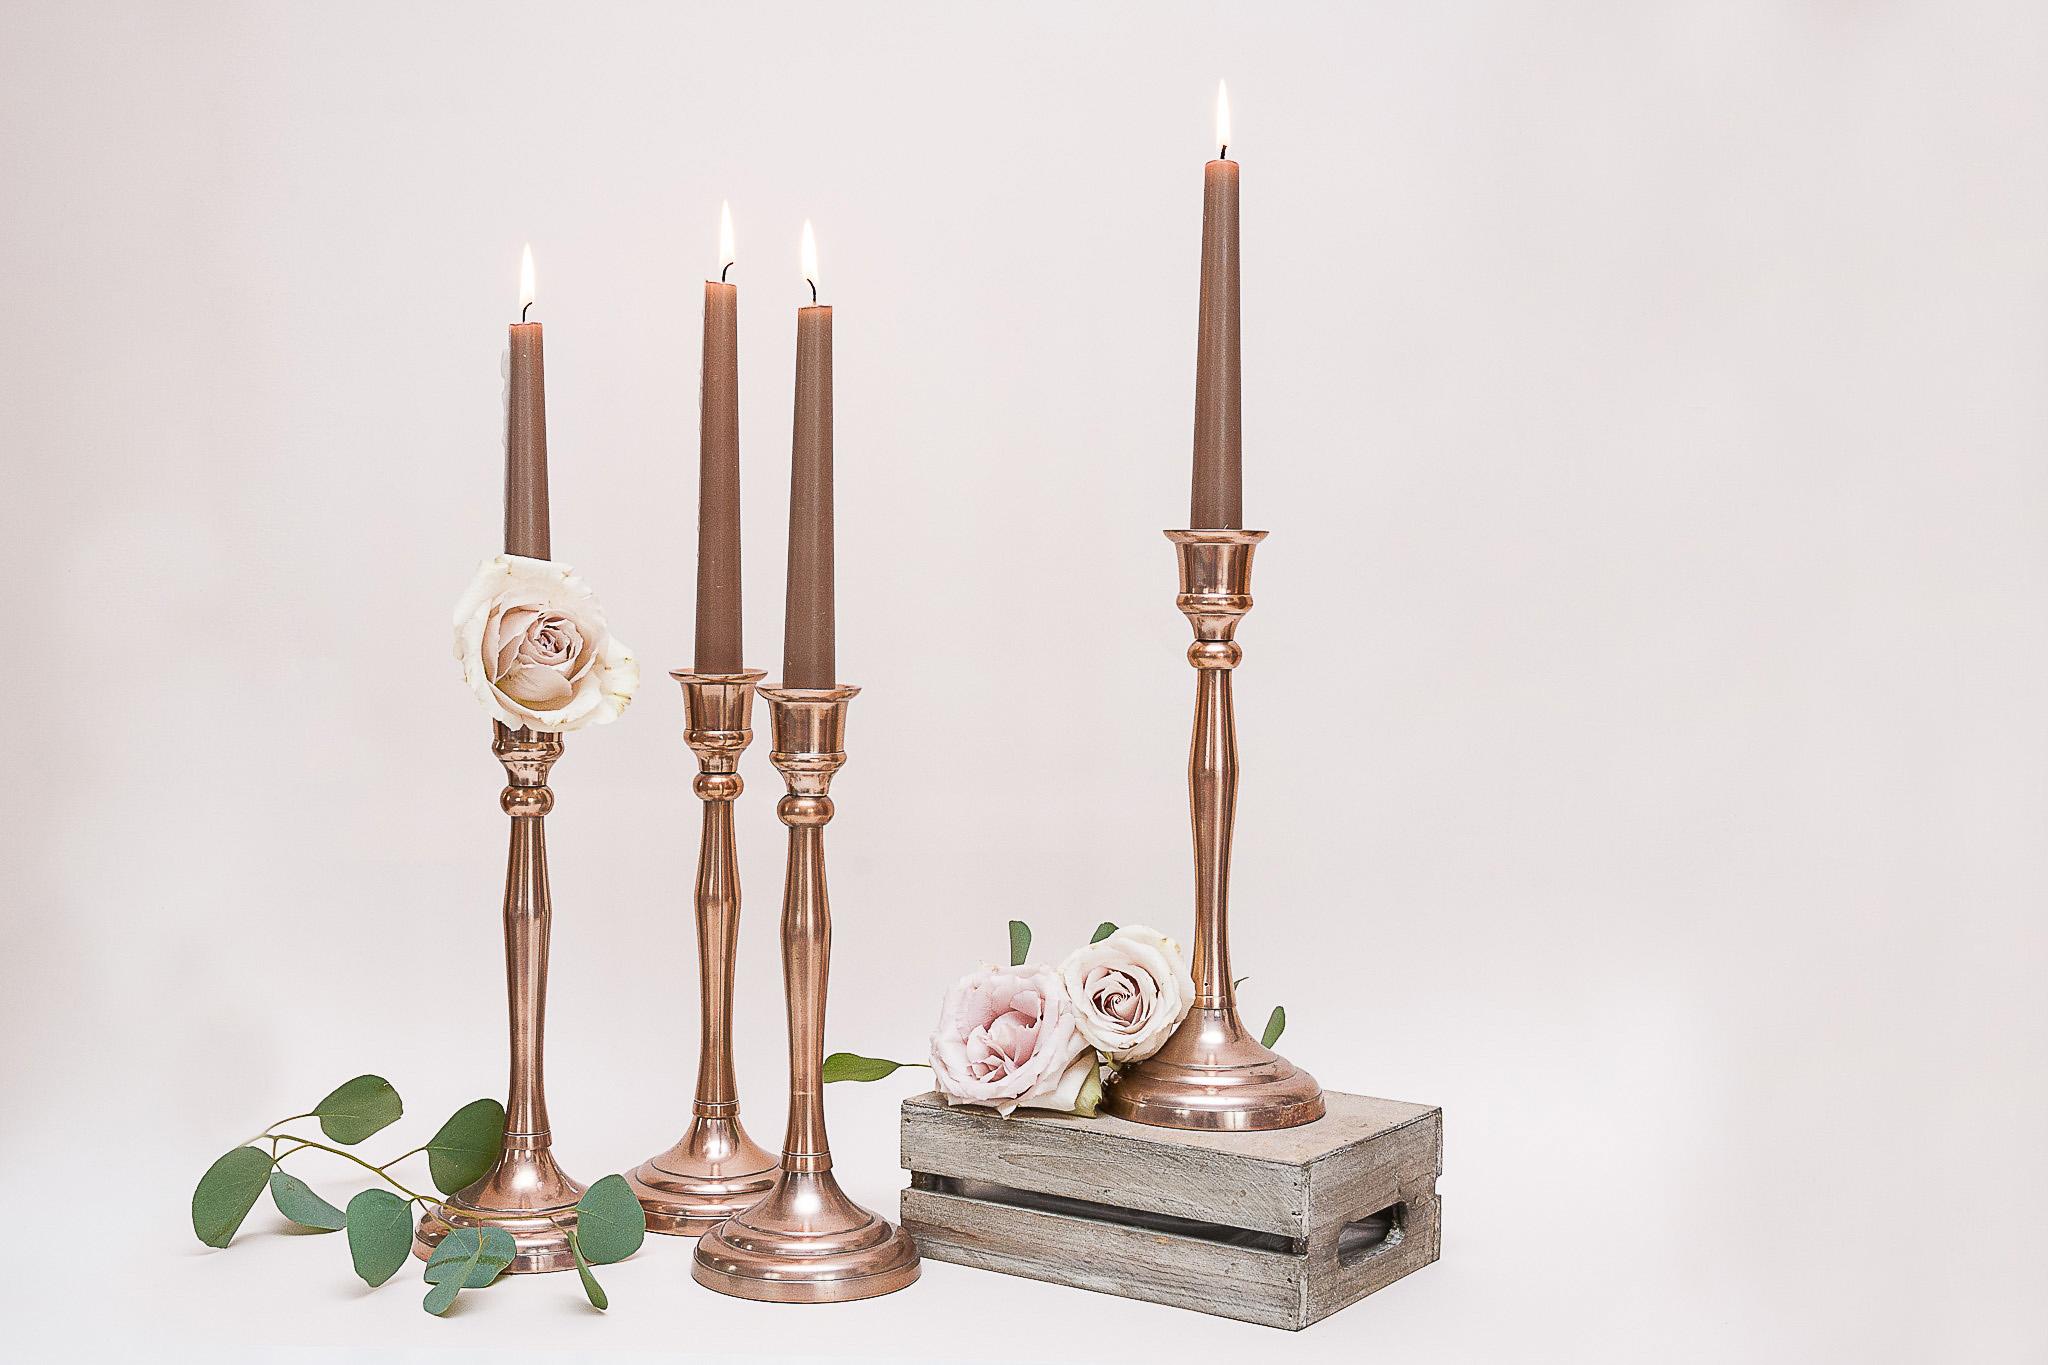 Aukšta vario spalvos žvakidė siaurai žvakei (Ž-26)